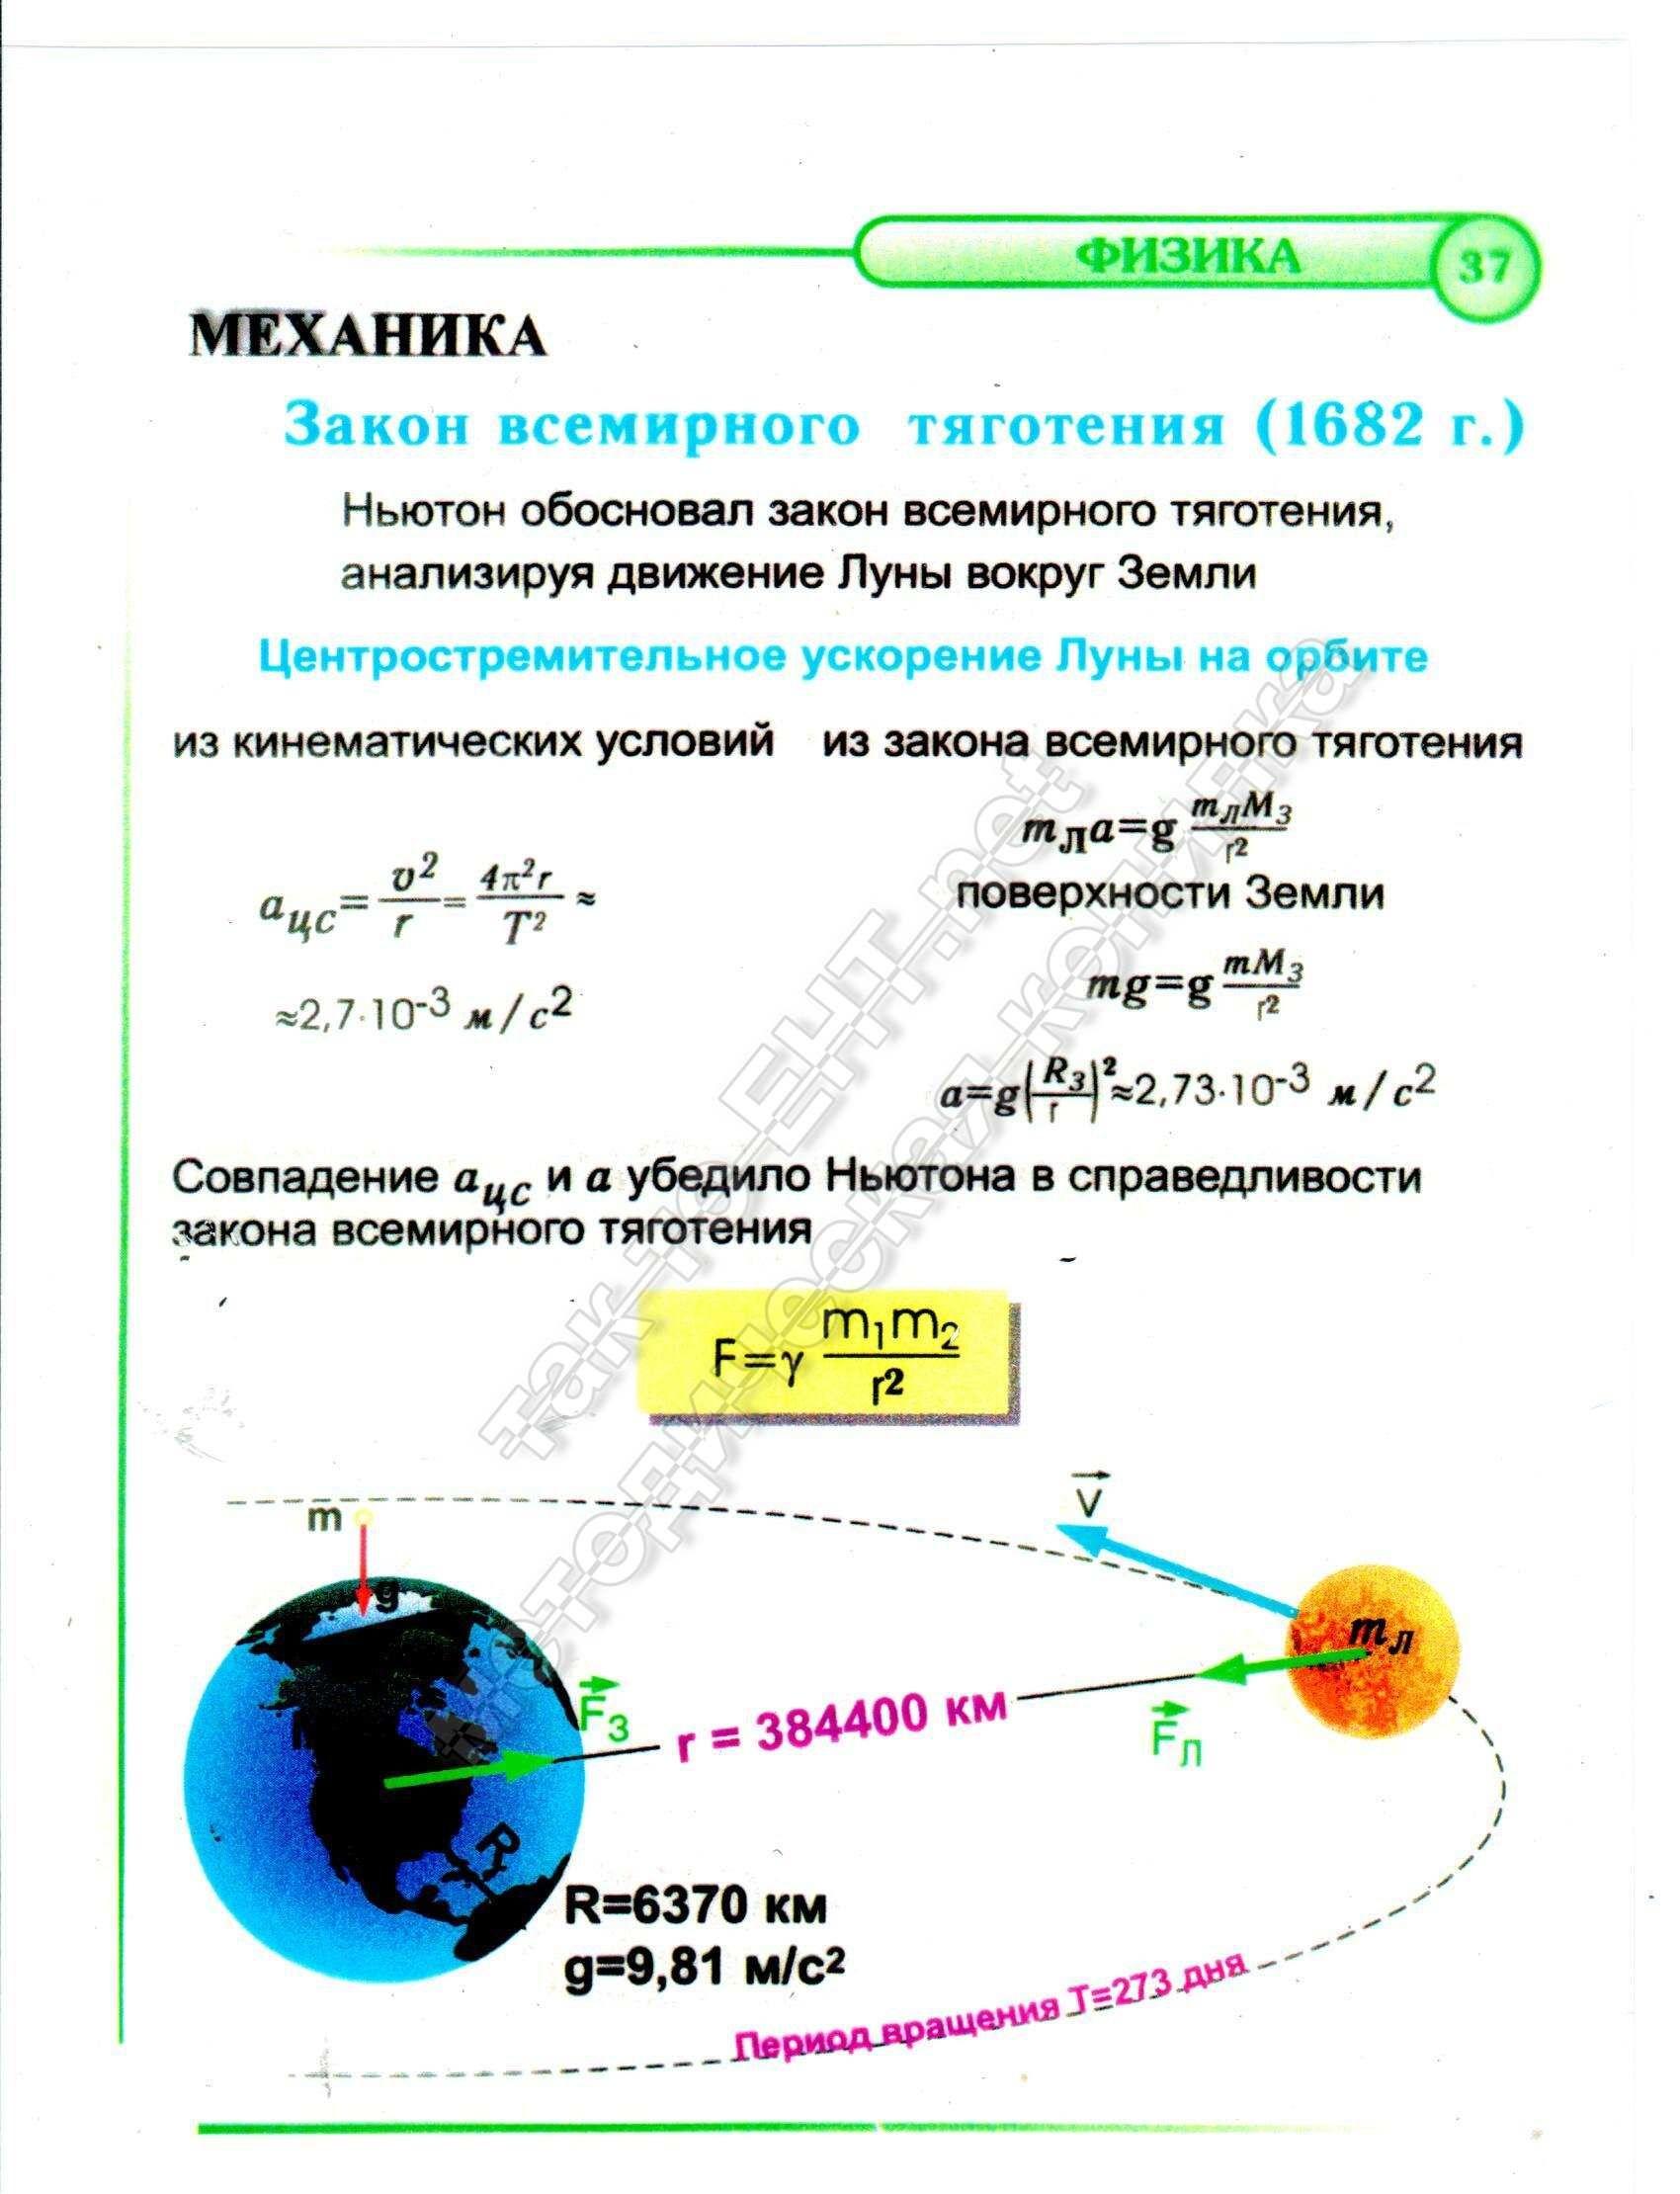 Закон всемирного тяготения 1682 г. (механика)